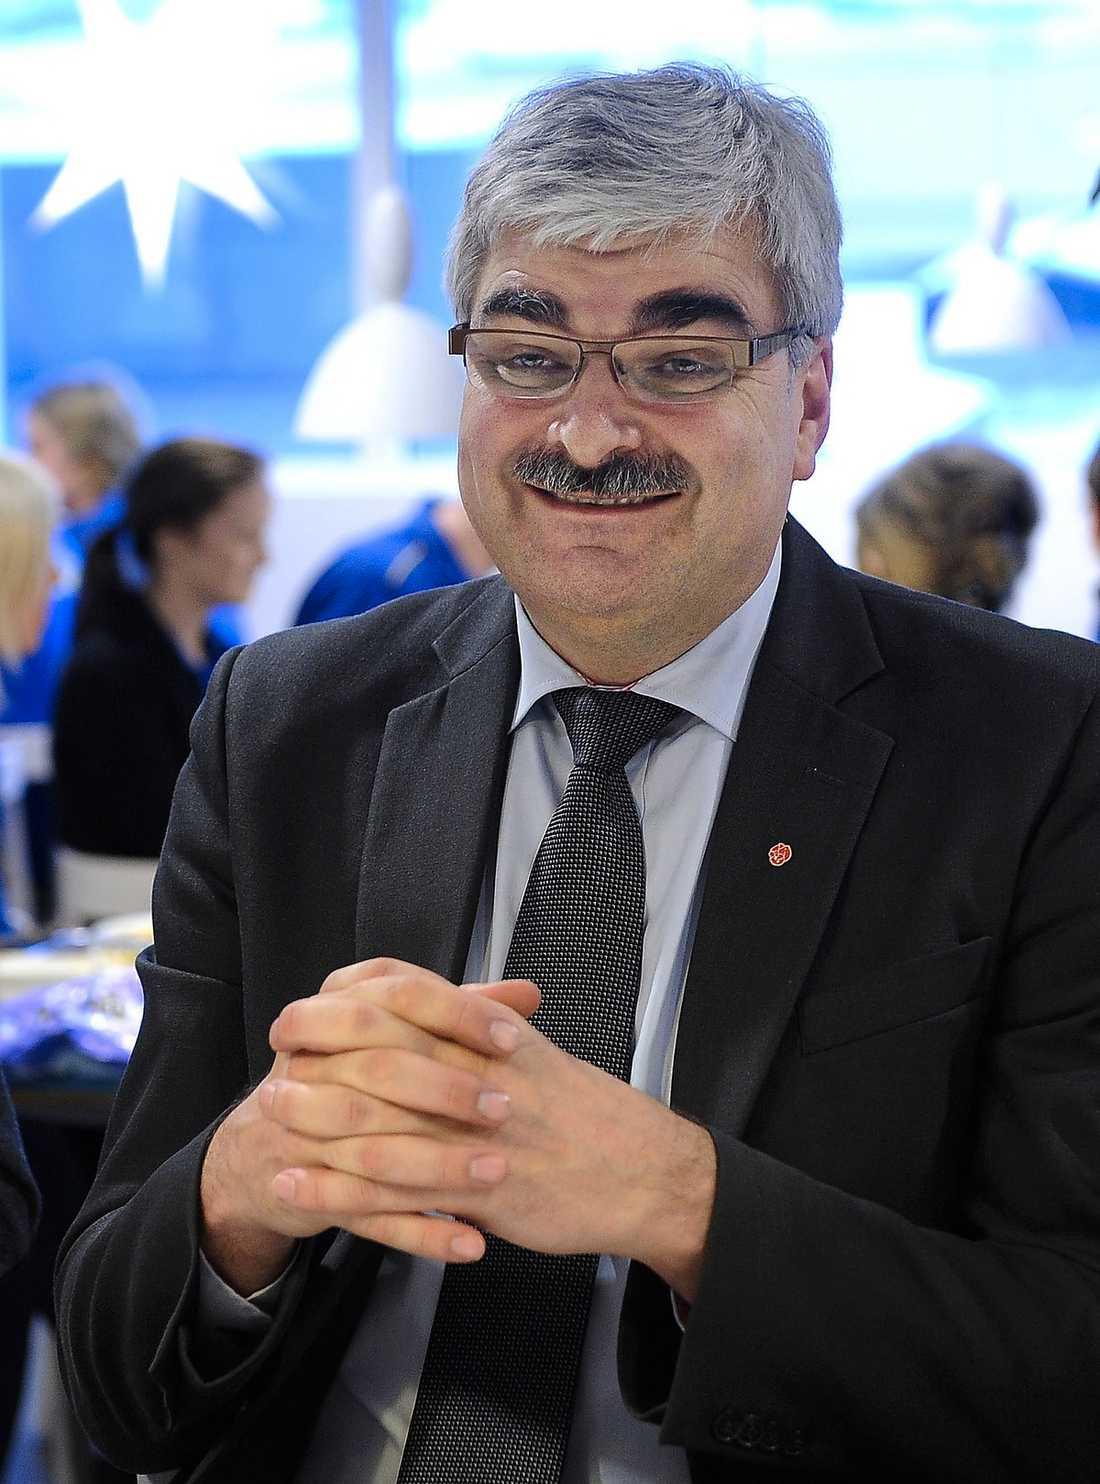 Håkan Juholt går på GI-diet under sin valturné.